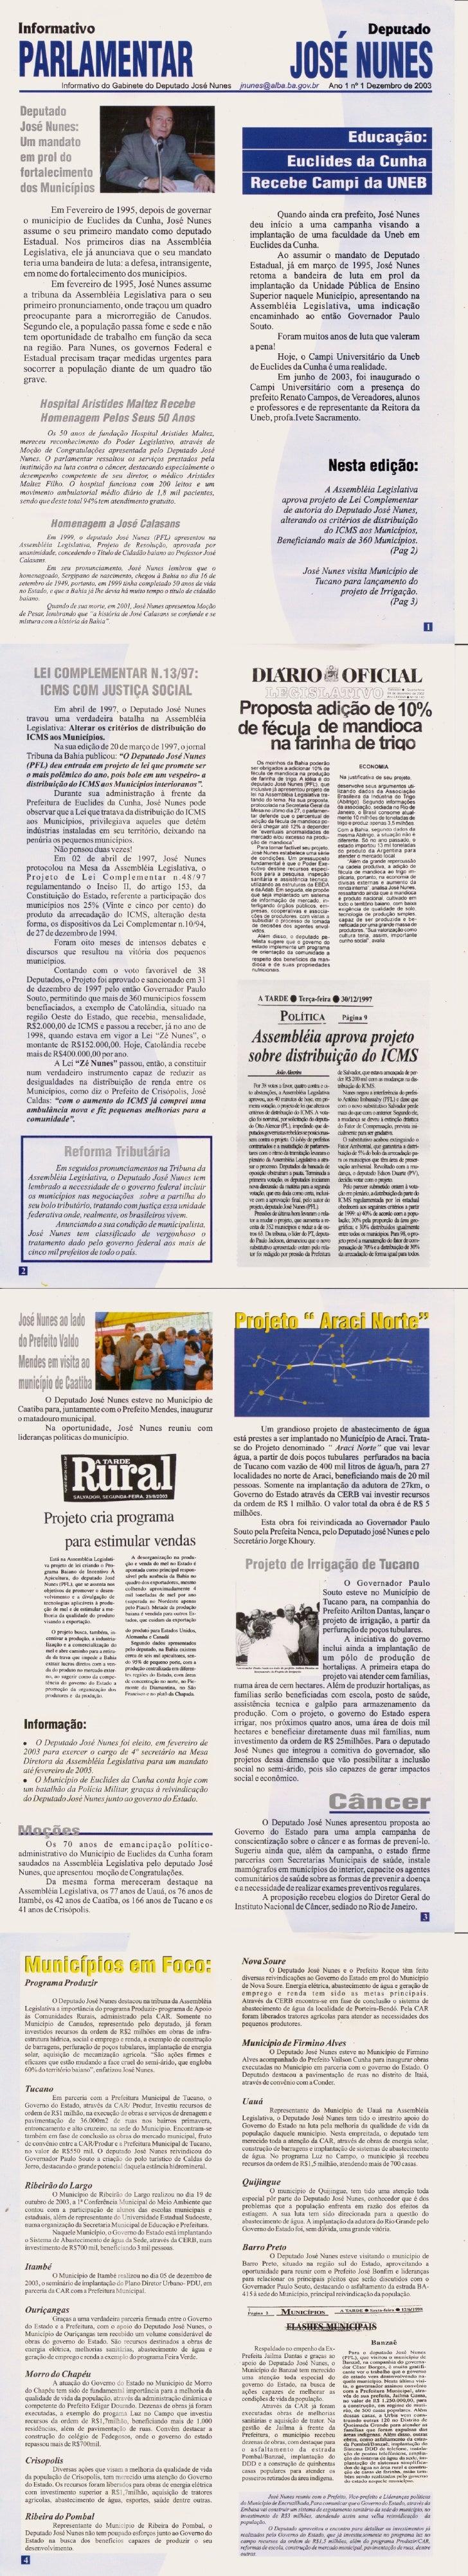 Boletim Informativo - Município de Euclides da Cunha